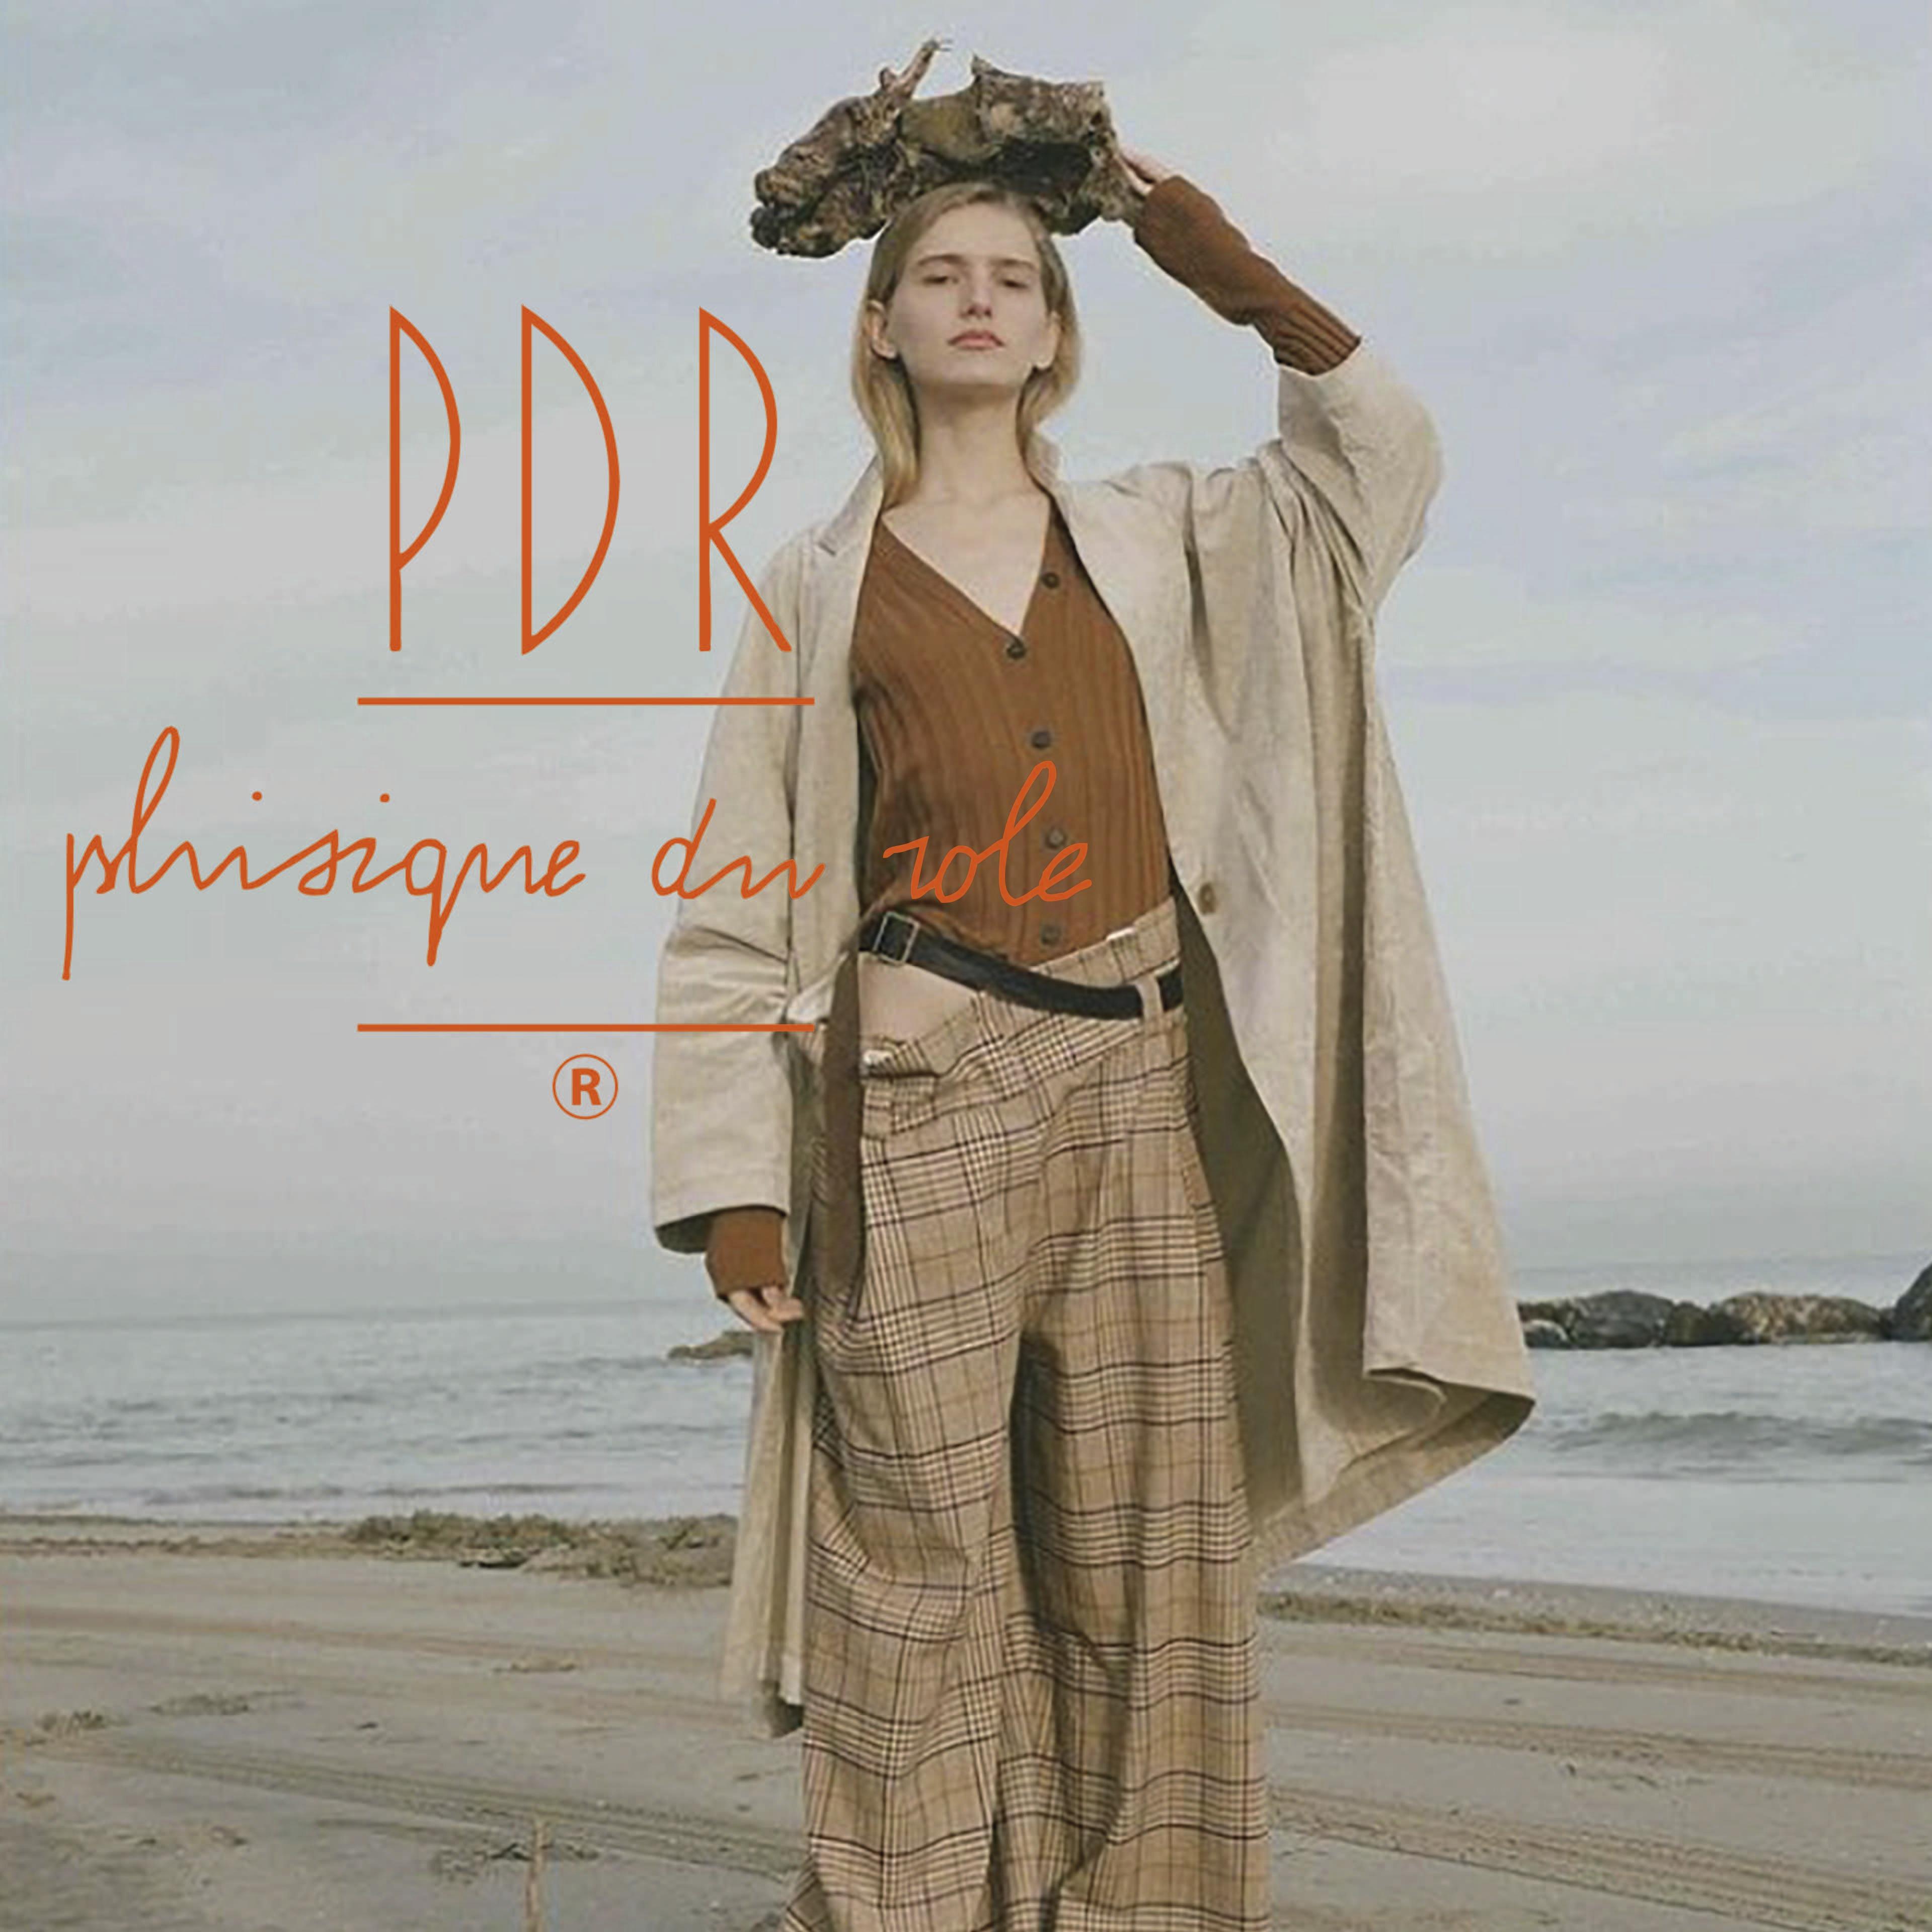 PDR phisique du role,フィジクドゥロール,なんばセレクトショップ